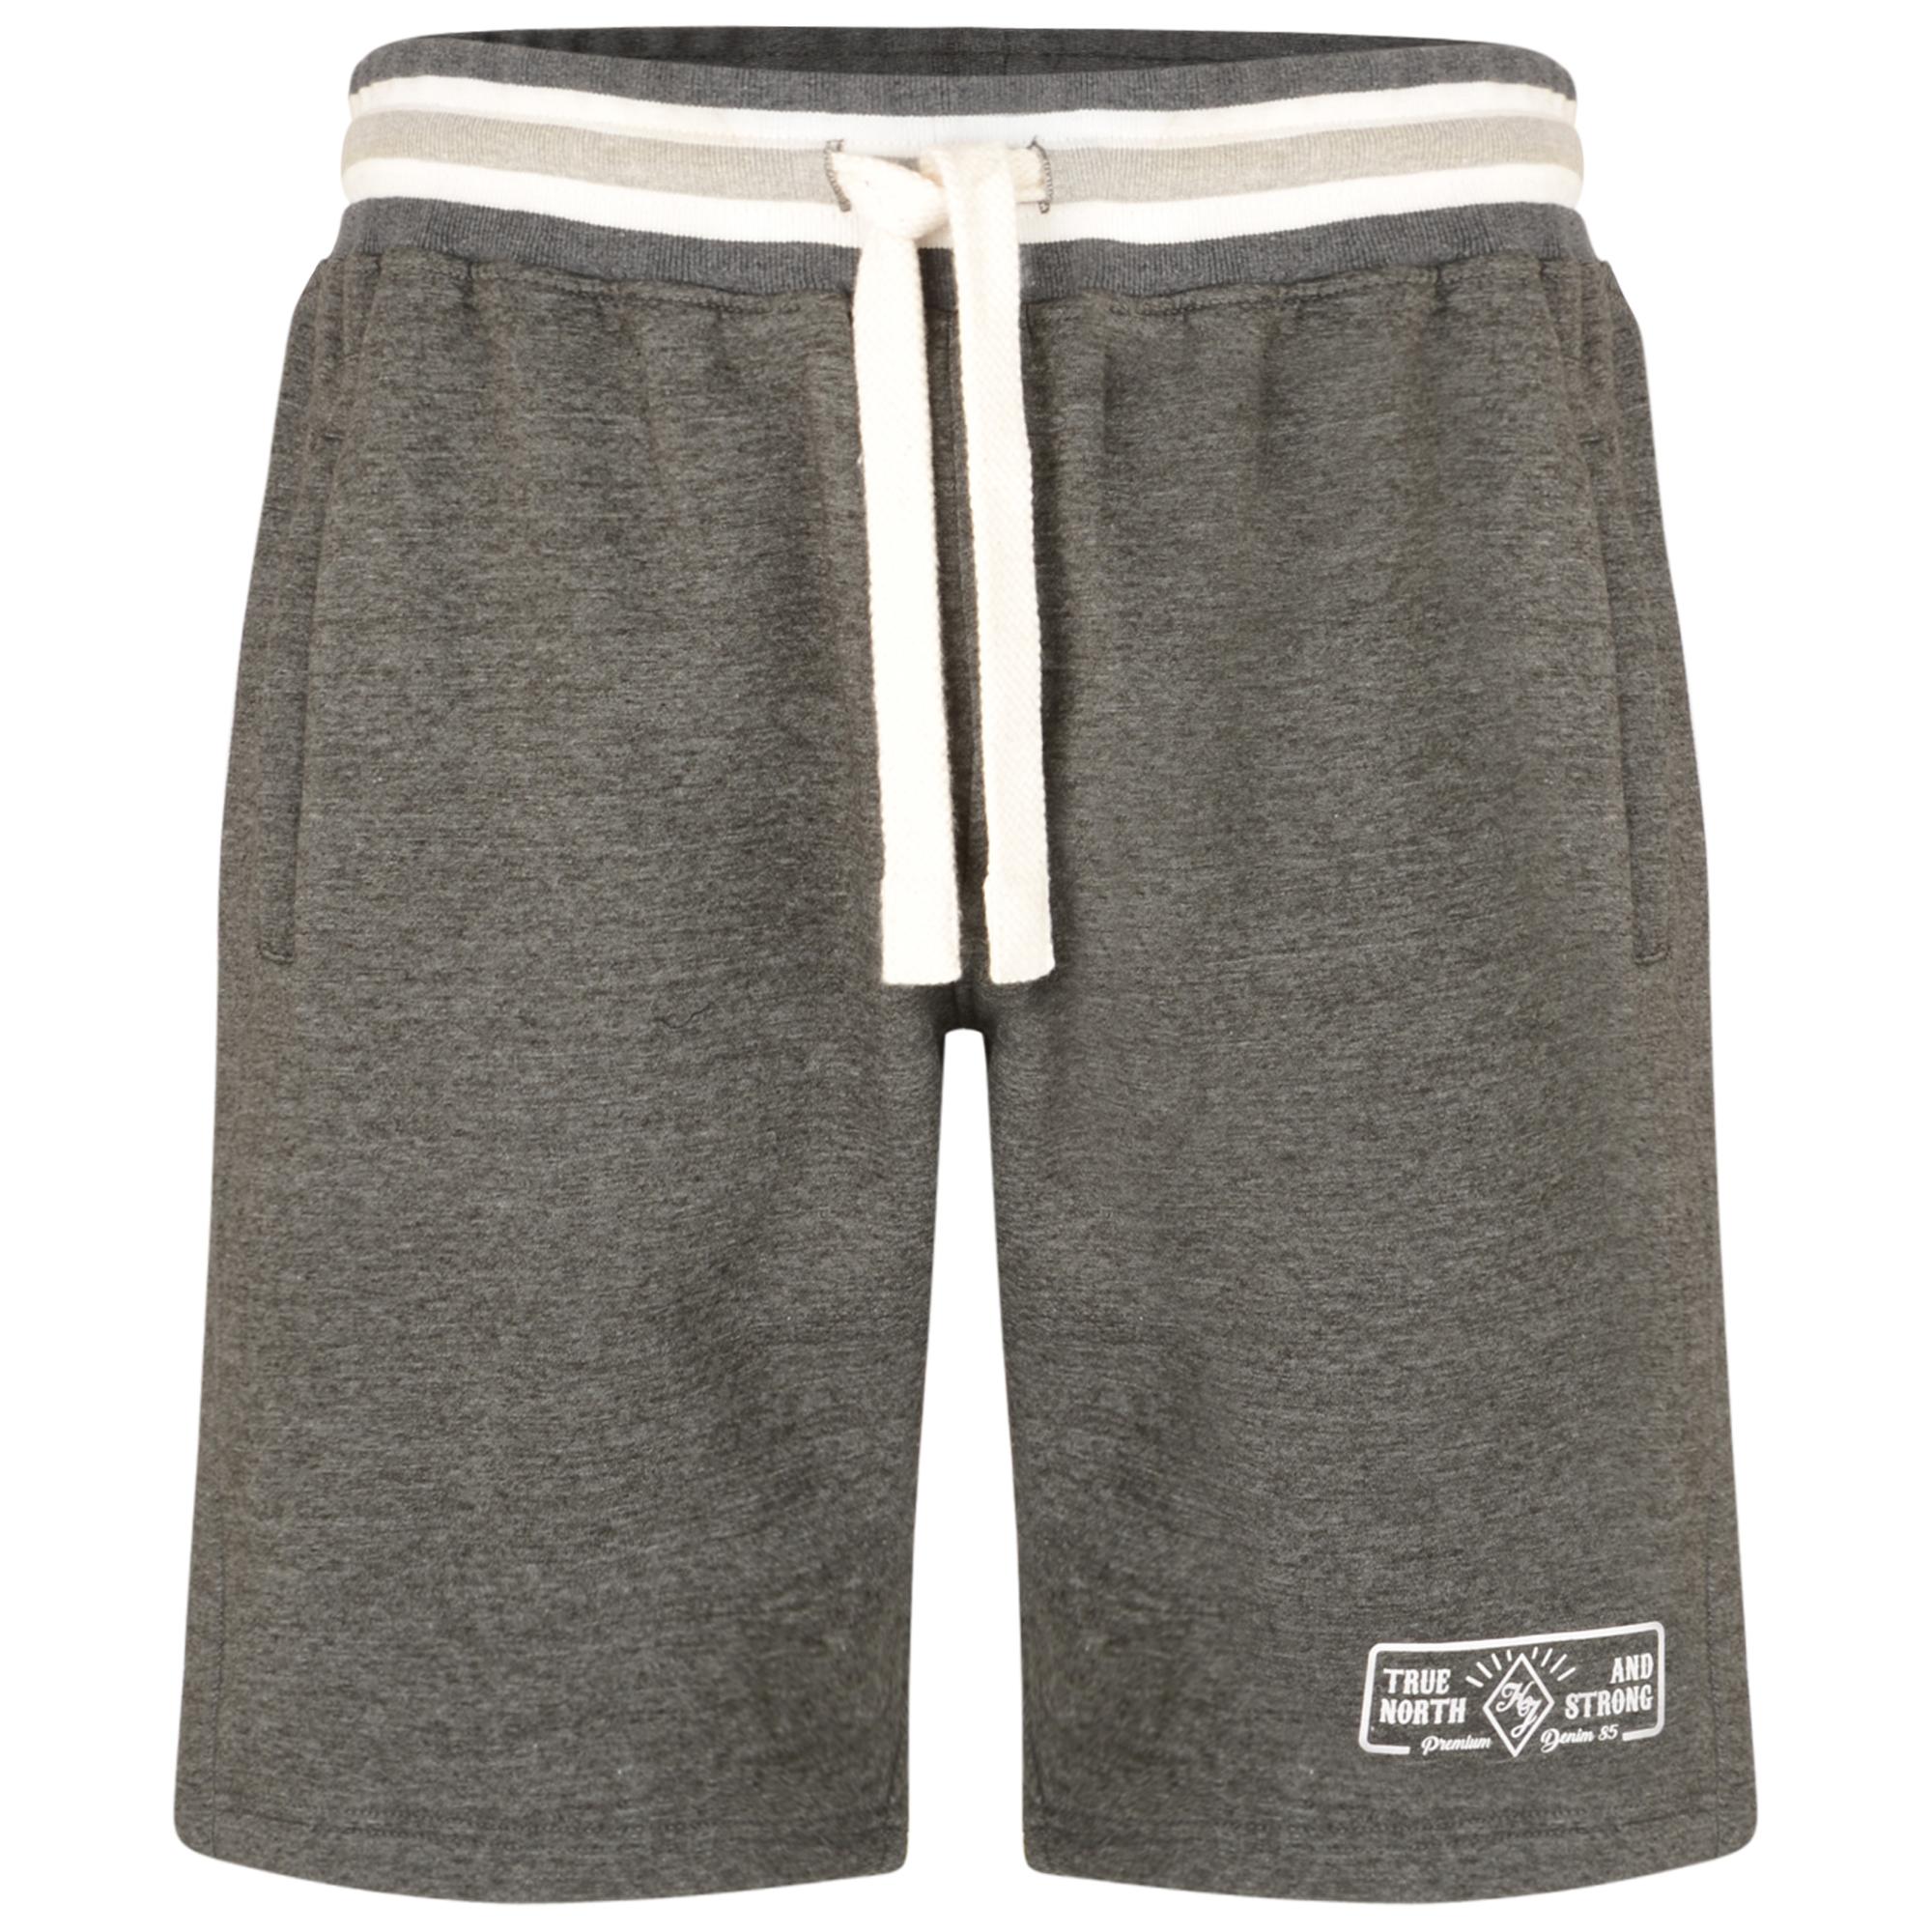 Jogging shorts van merk KAM Jeanswear in de kleur charcoal, gemaakt van 65% cotton 35% polyester.  Fijne zachte stof met hoog draagcomfort. Elastische band met trekkoord, print op linkerpijp